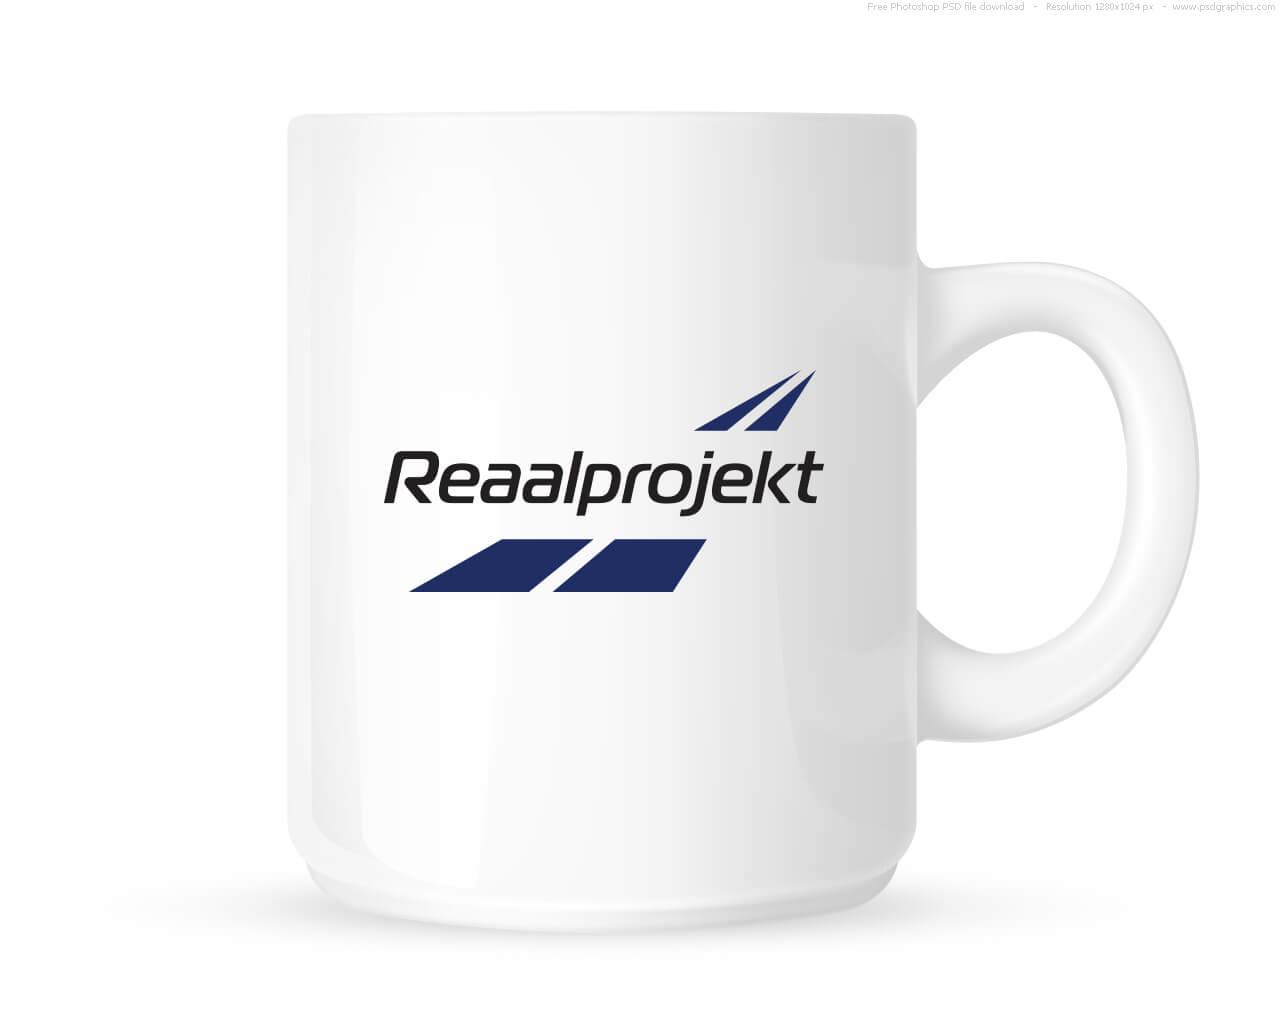 reaalprojekt-mug1